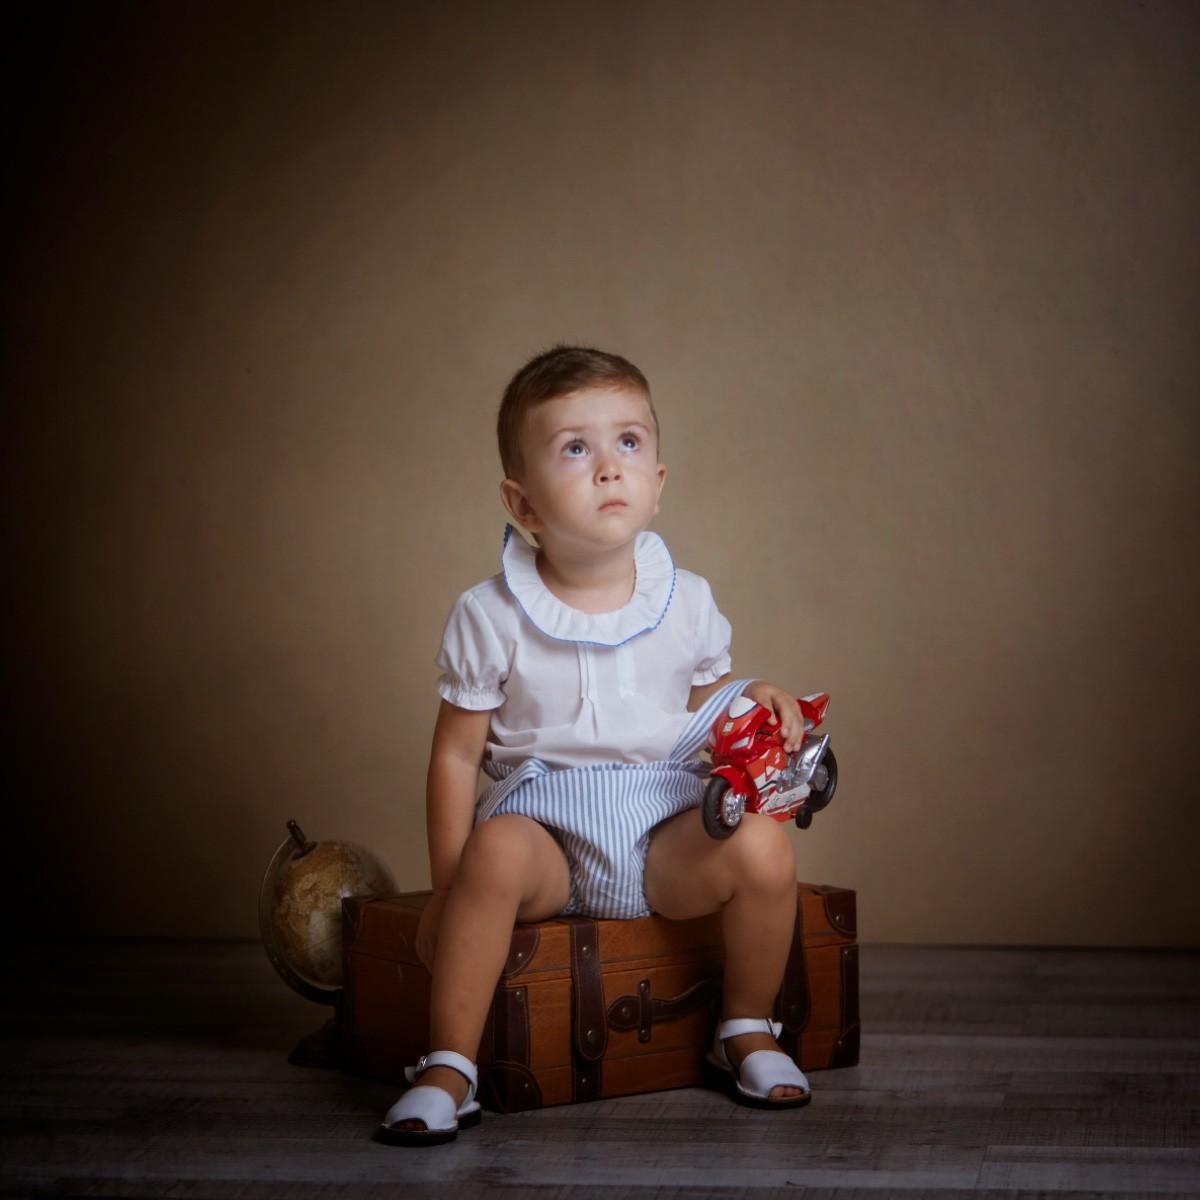 Fotógrafo infantil de estudio en Almería Antonio Siles